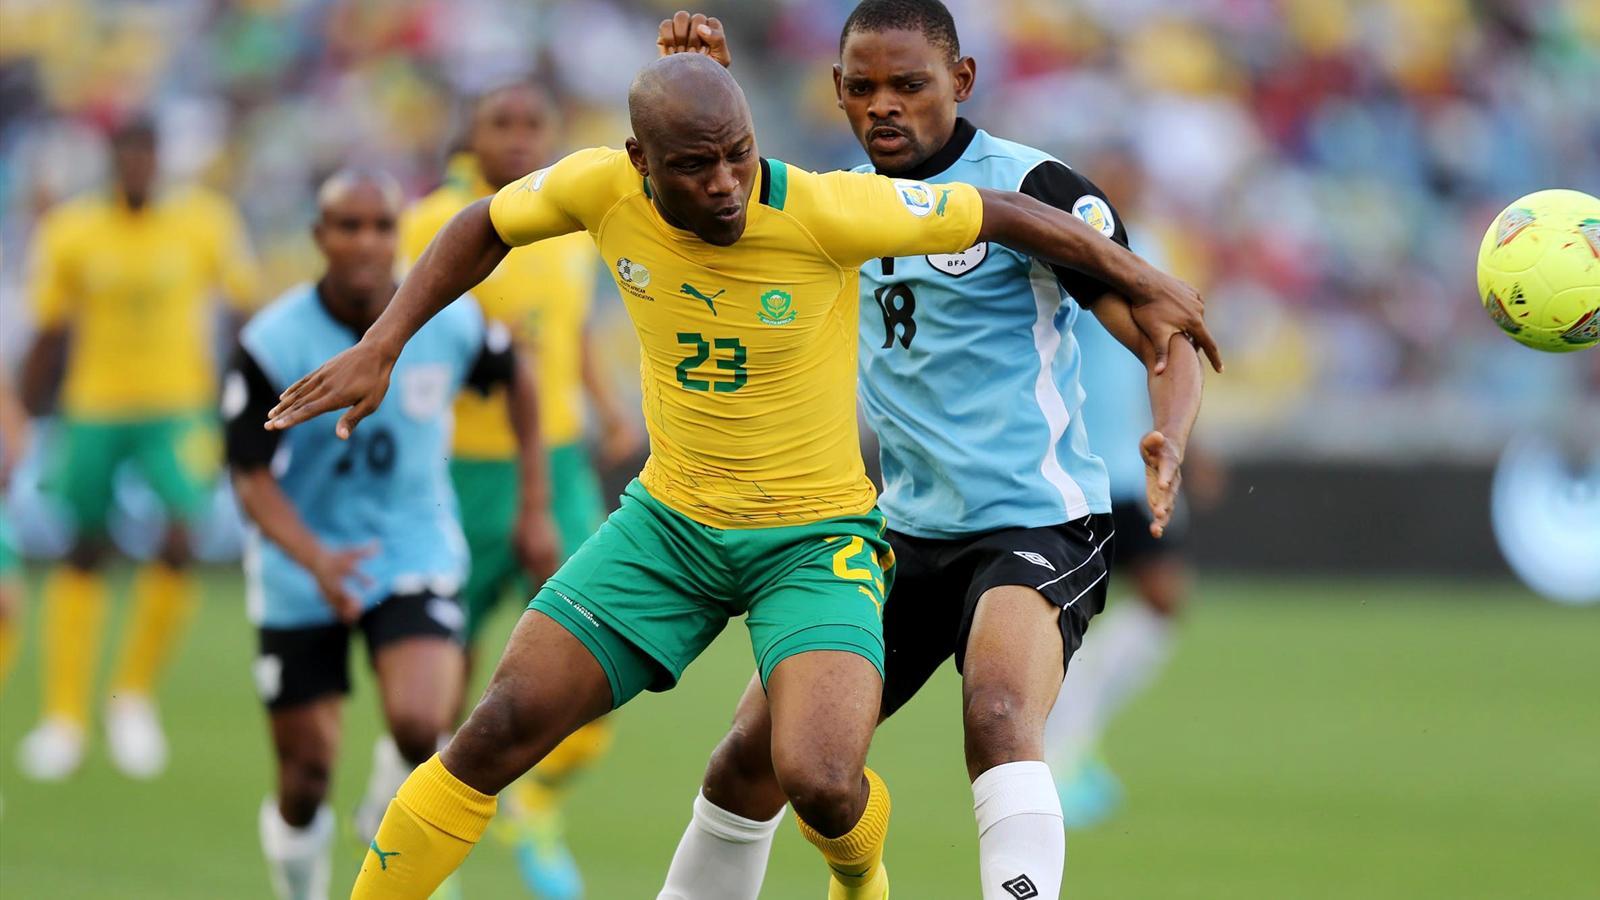 Mondial 2014 zone afrique l 39 afrique du sud et la - Qualification coupe de monde afrique ...